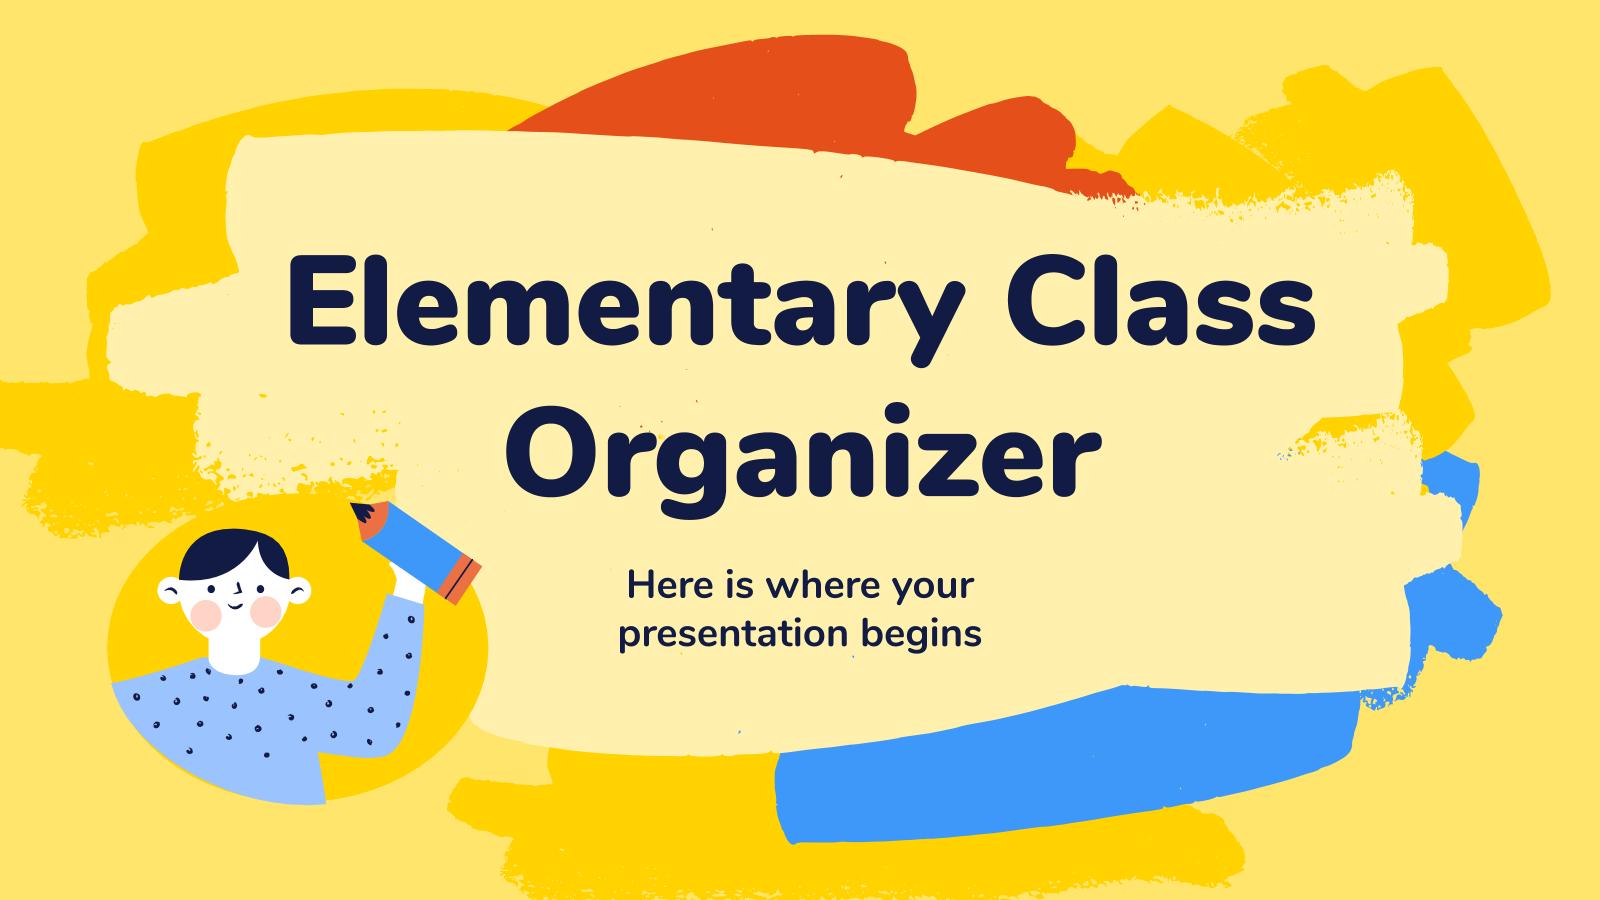 Modelo de apresentação Agenda de aula infantil